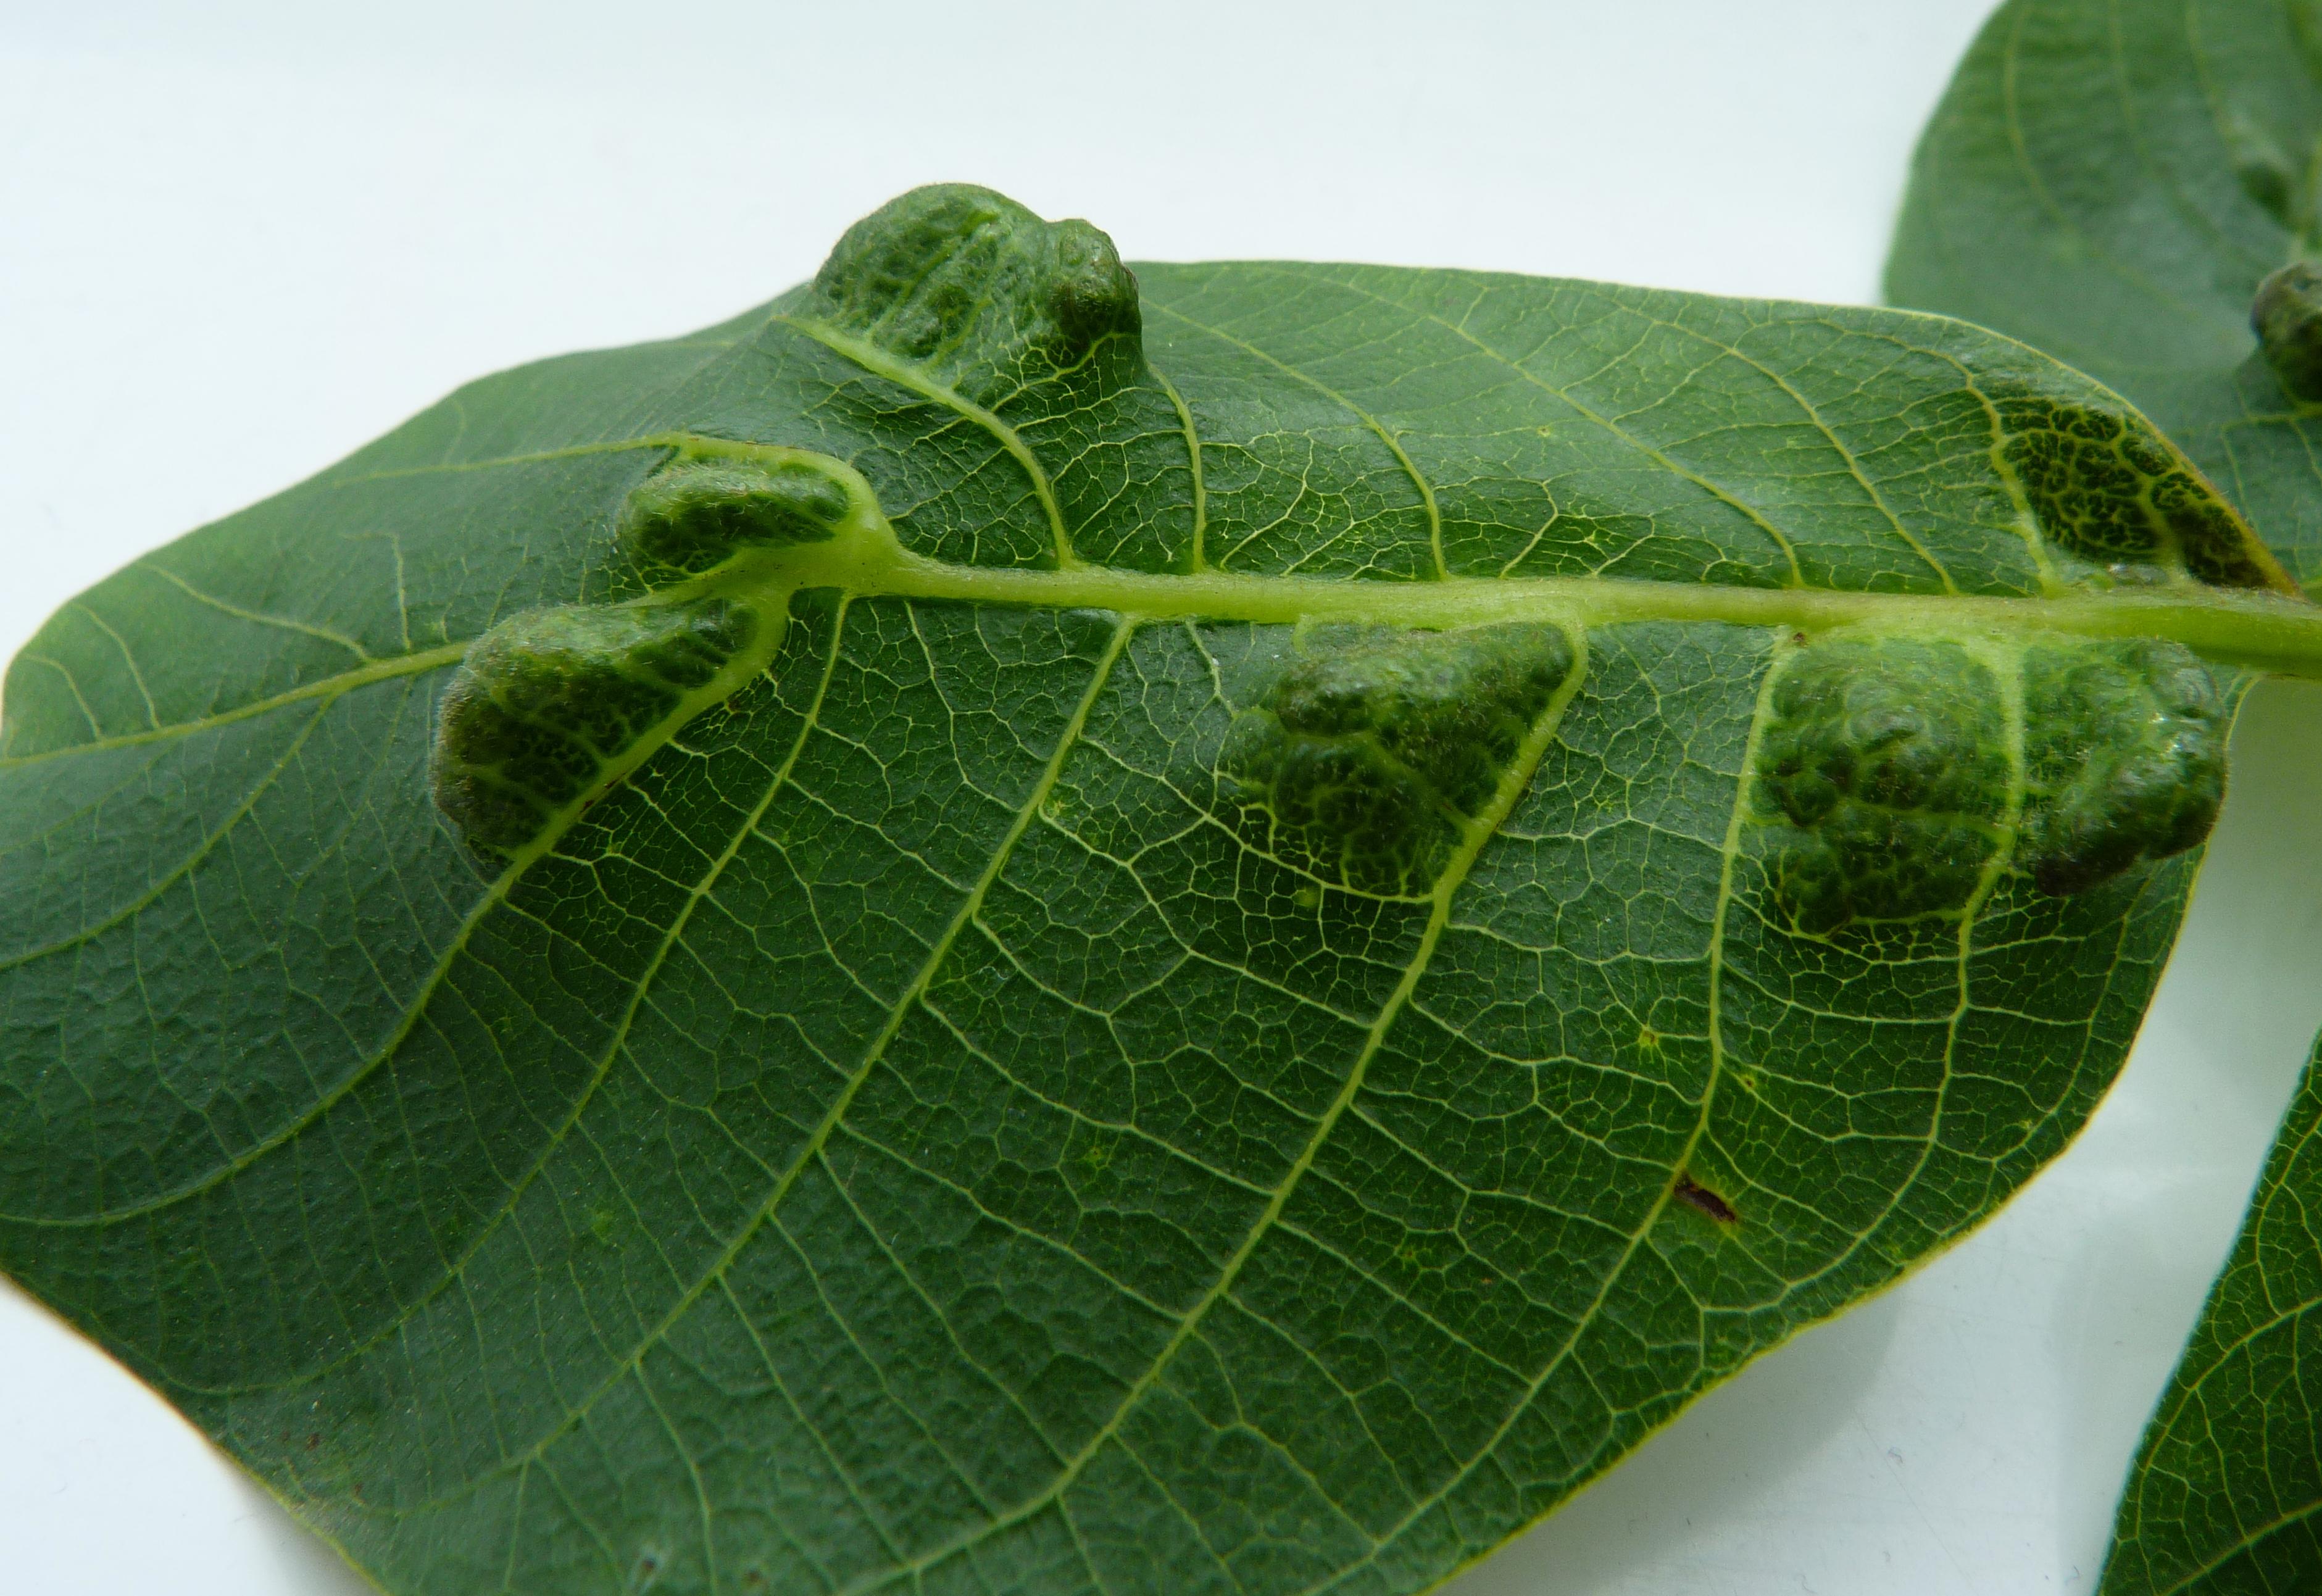 Лечение полипа эндометрия народными средствами | компетентно о здоровье на ilive